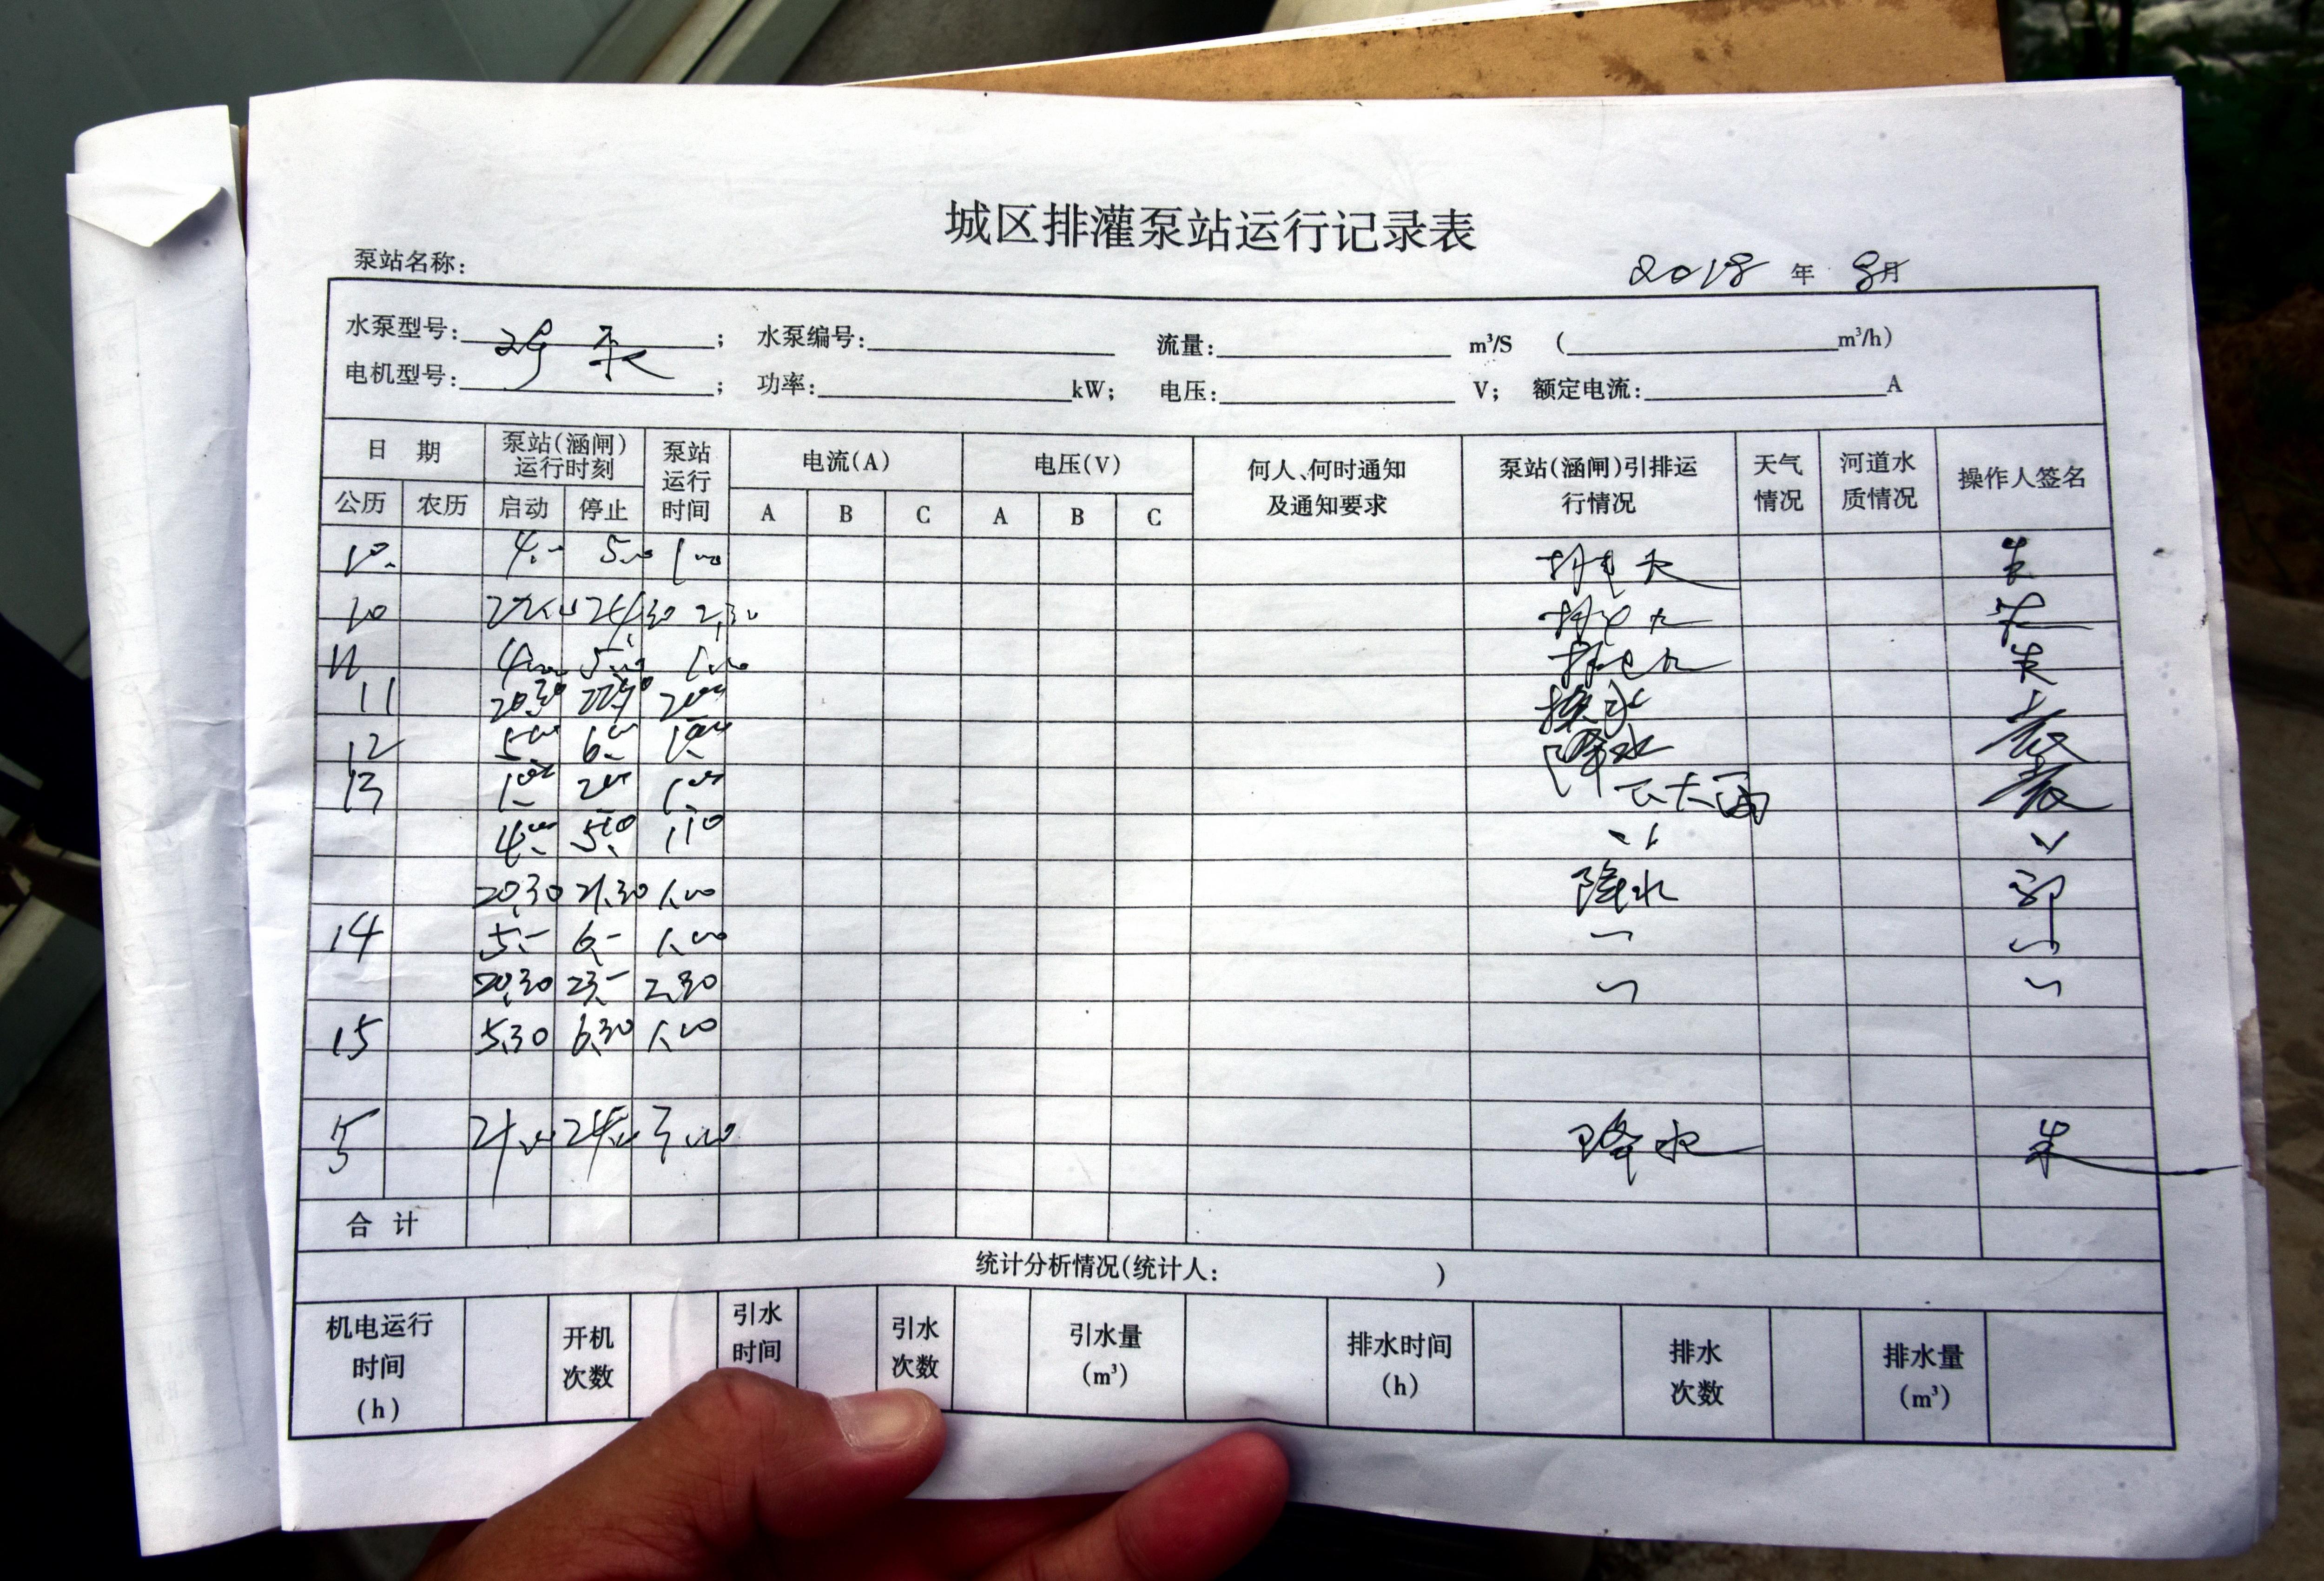 扬中市彩凤桥的城区排灌泵站运行记录簿。图为8月份出水记录。摄影/章轲